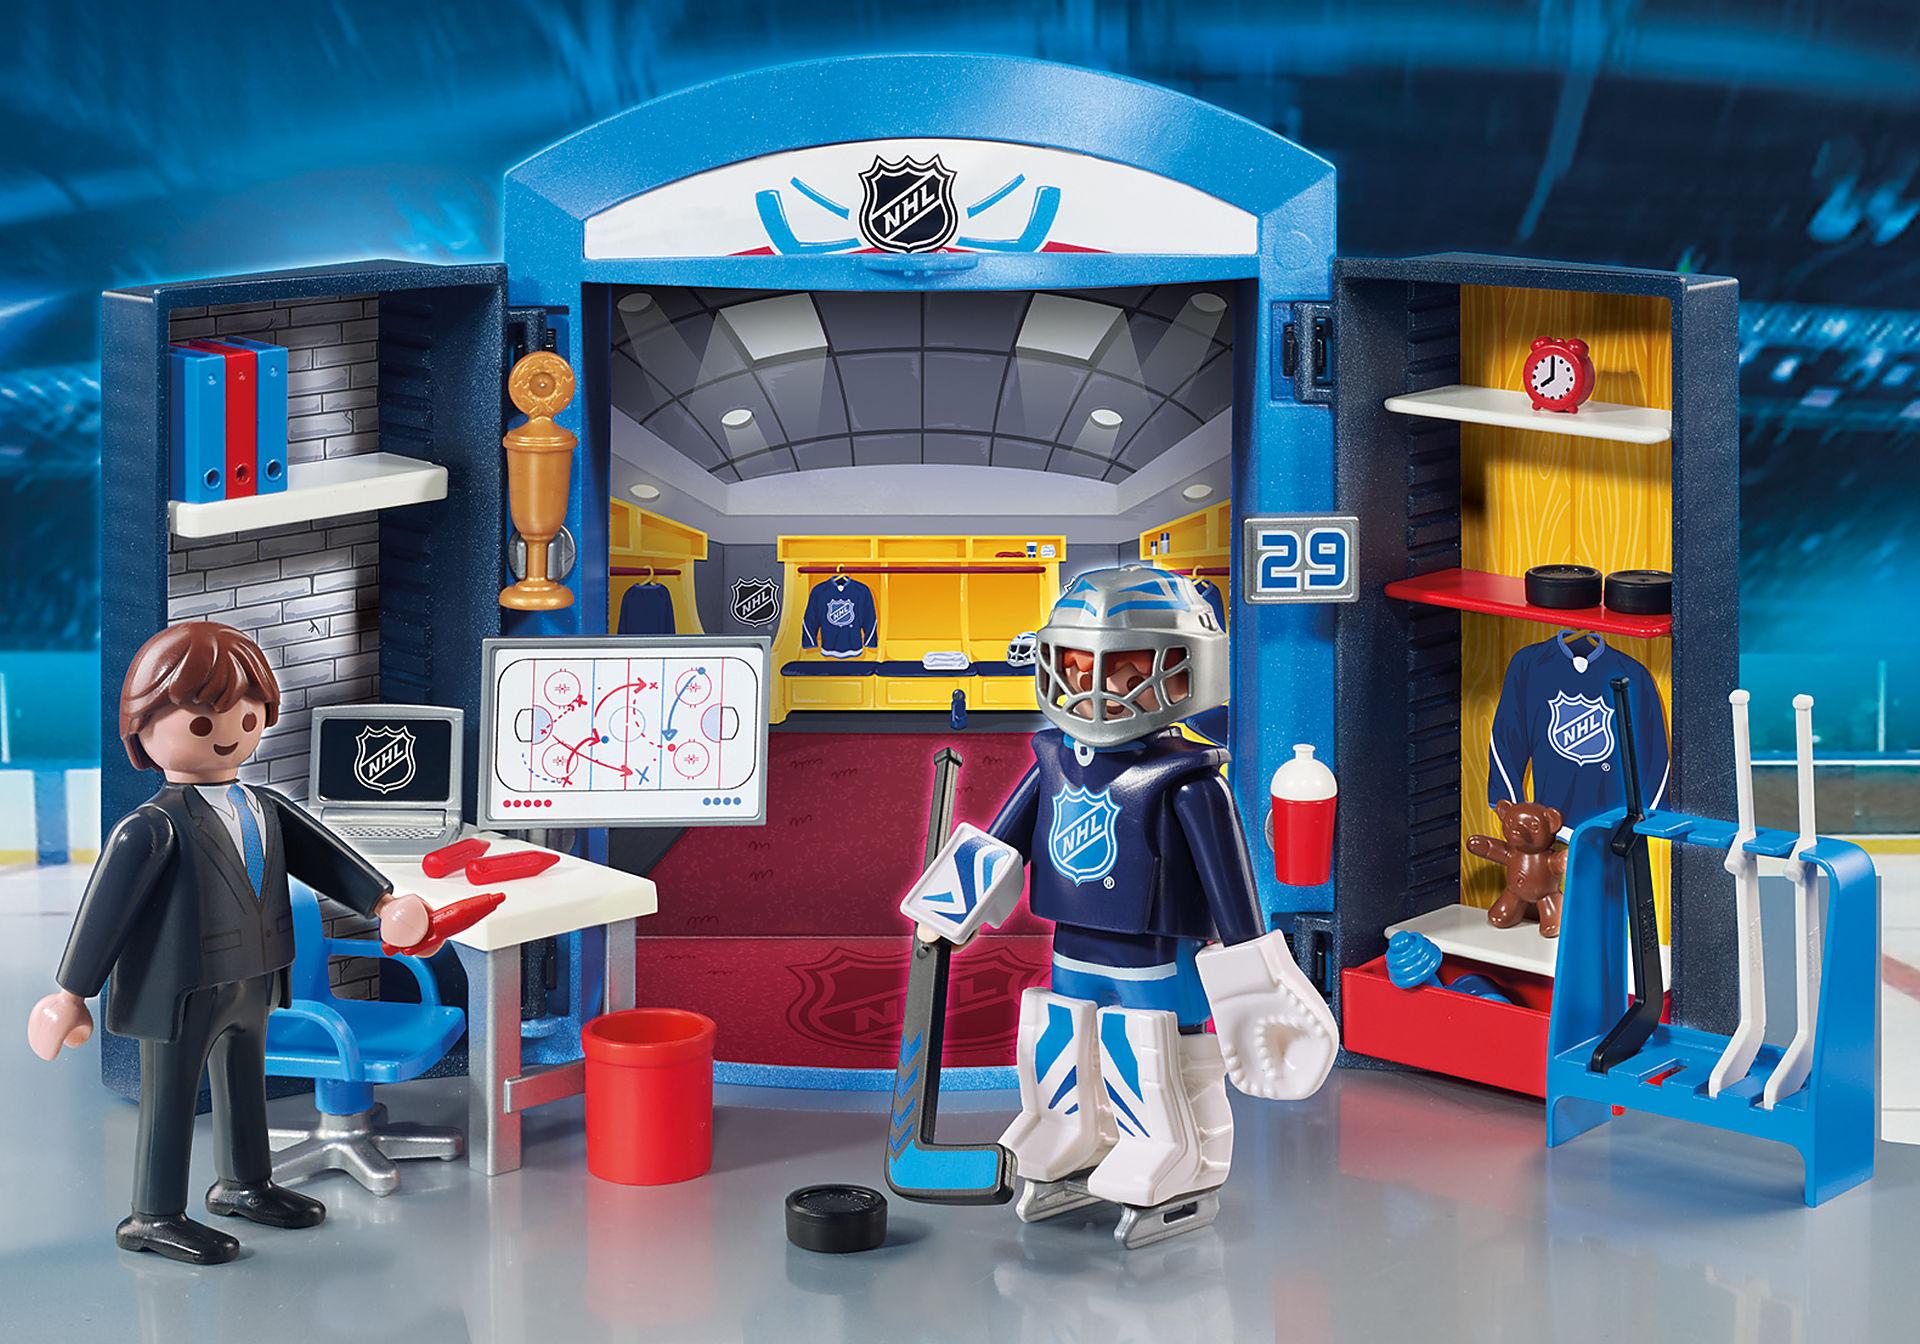 9176 NHL® Locker Room Play Box zoom image1